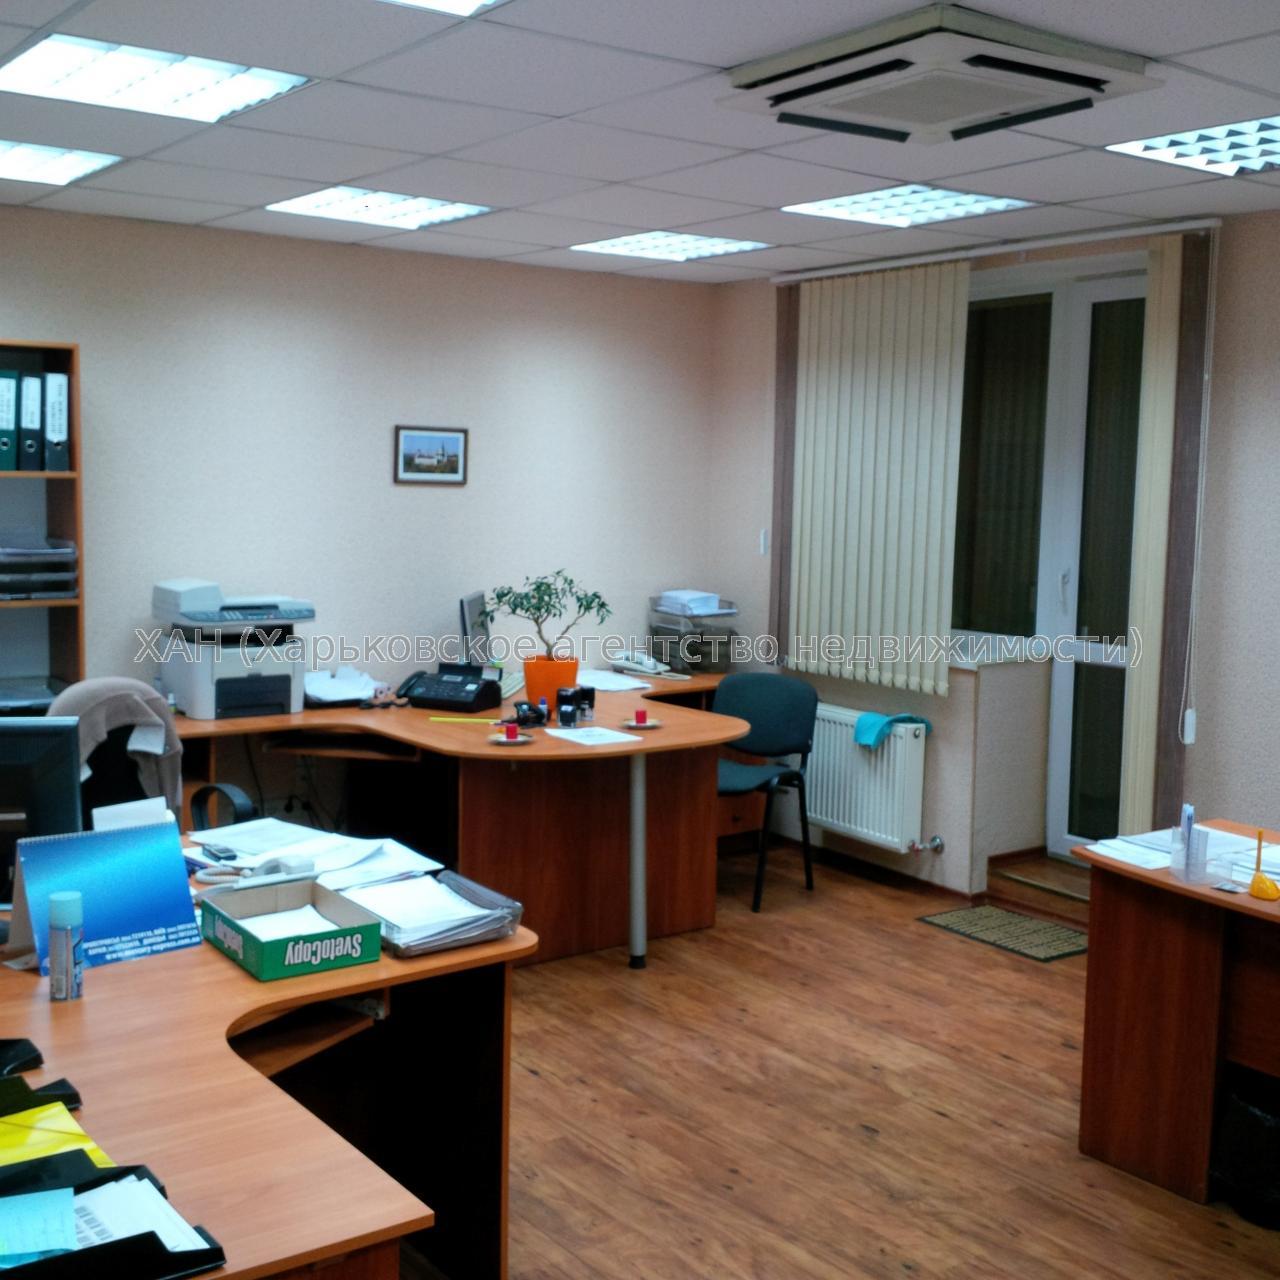 Продам офис в многоквартирном доме Харьков, Лебединская ул. 5